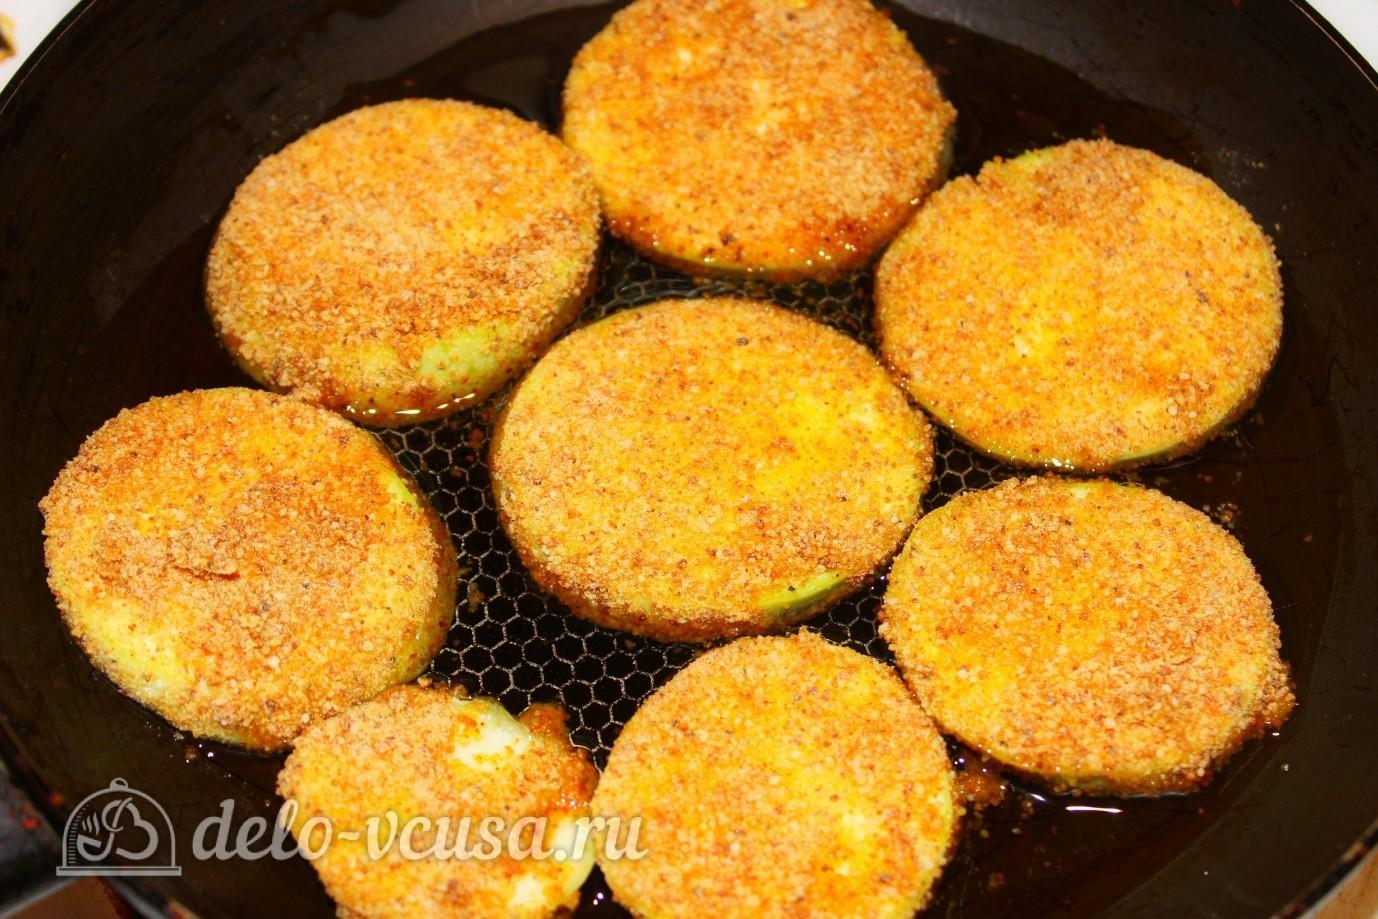 Рецепты жарки кабачков с фото